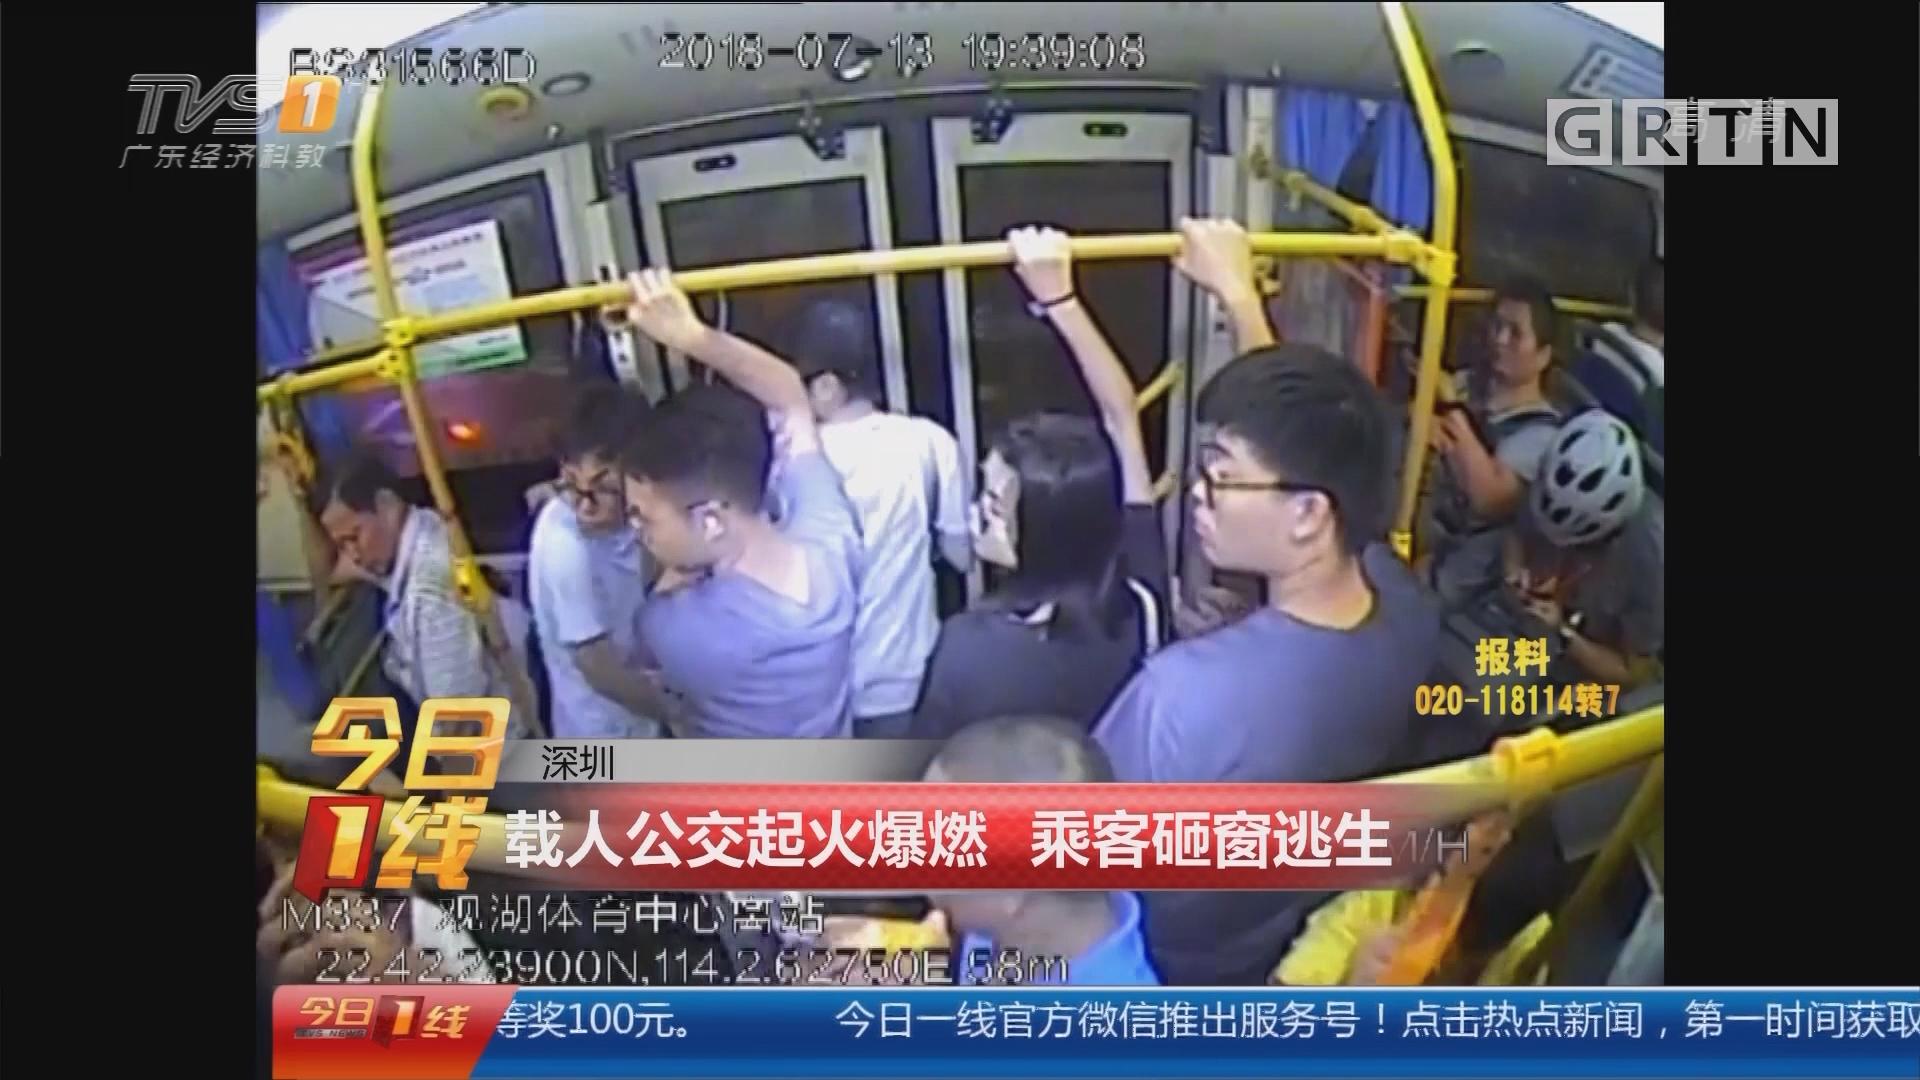 深圳:载人公交起火爆燃 乘客砸窗逃生